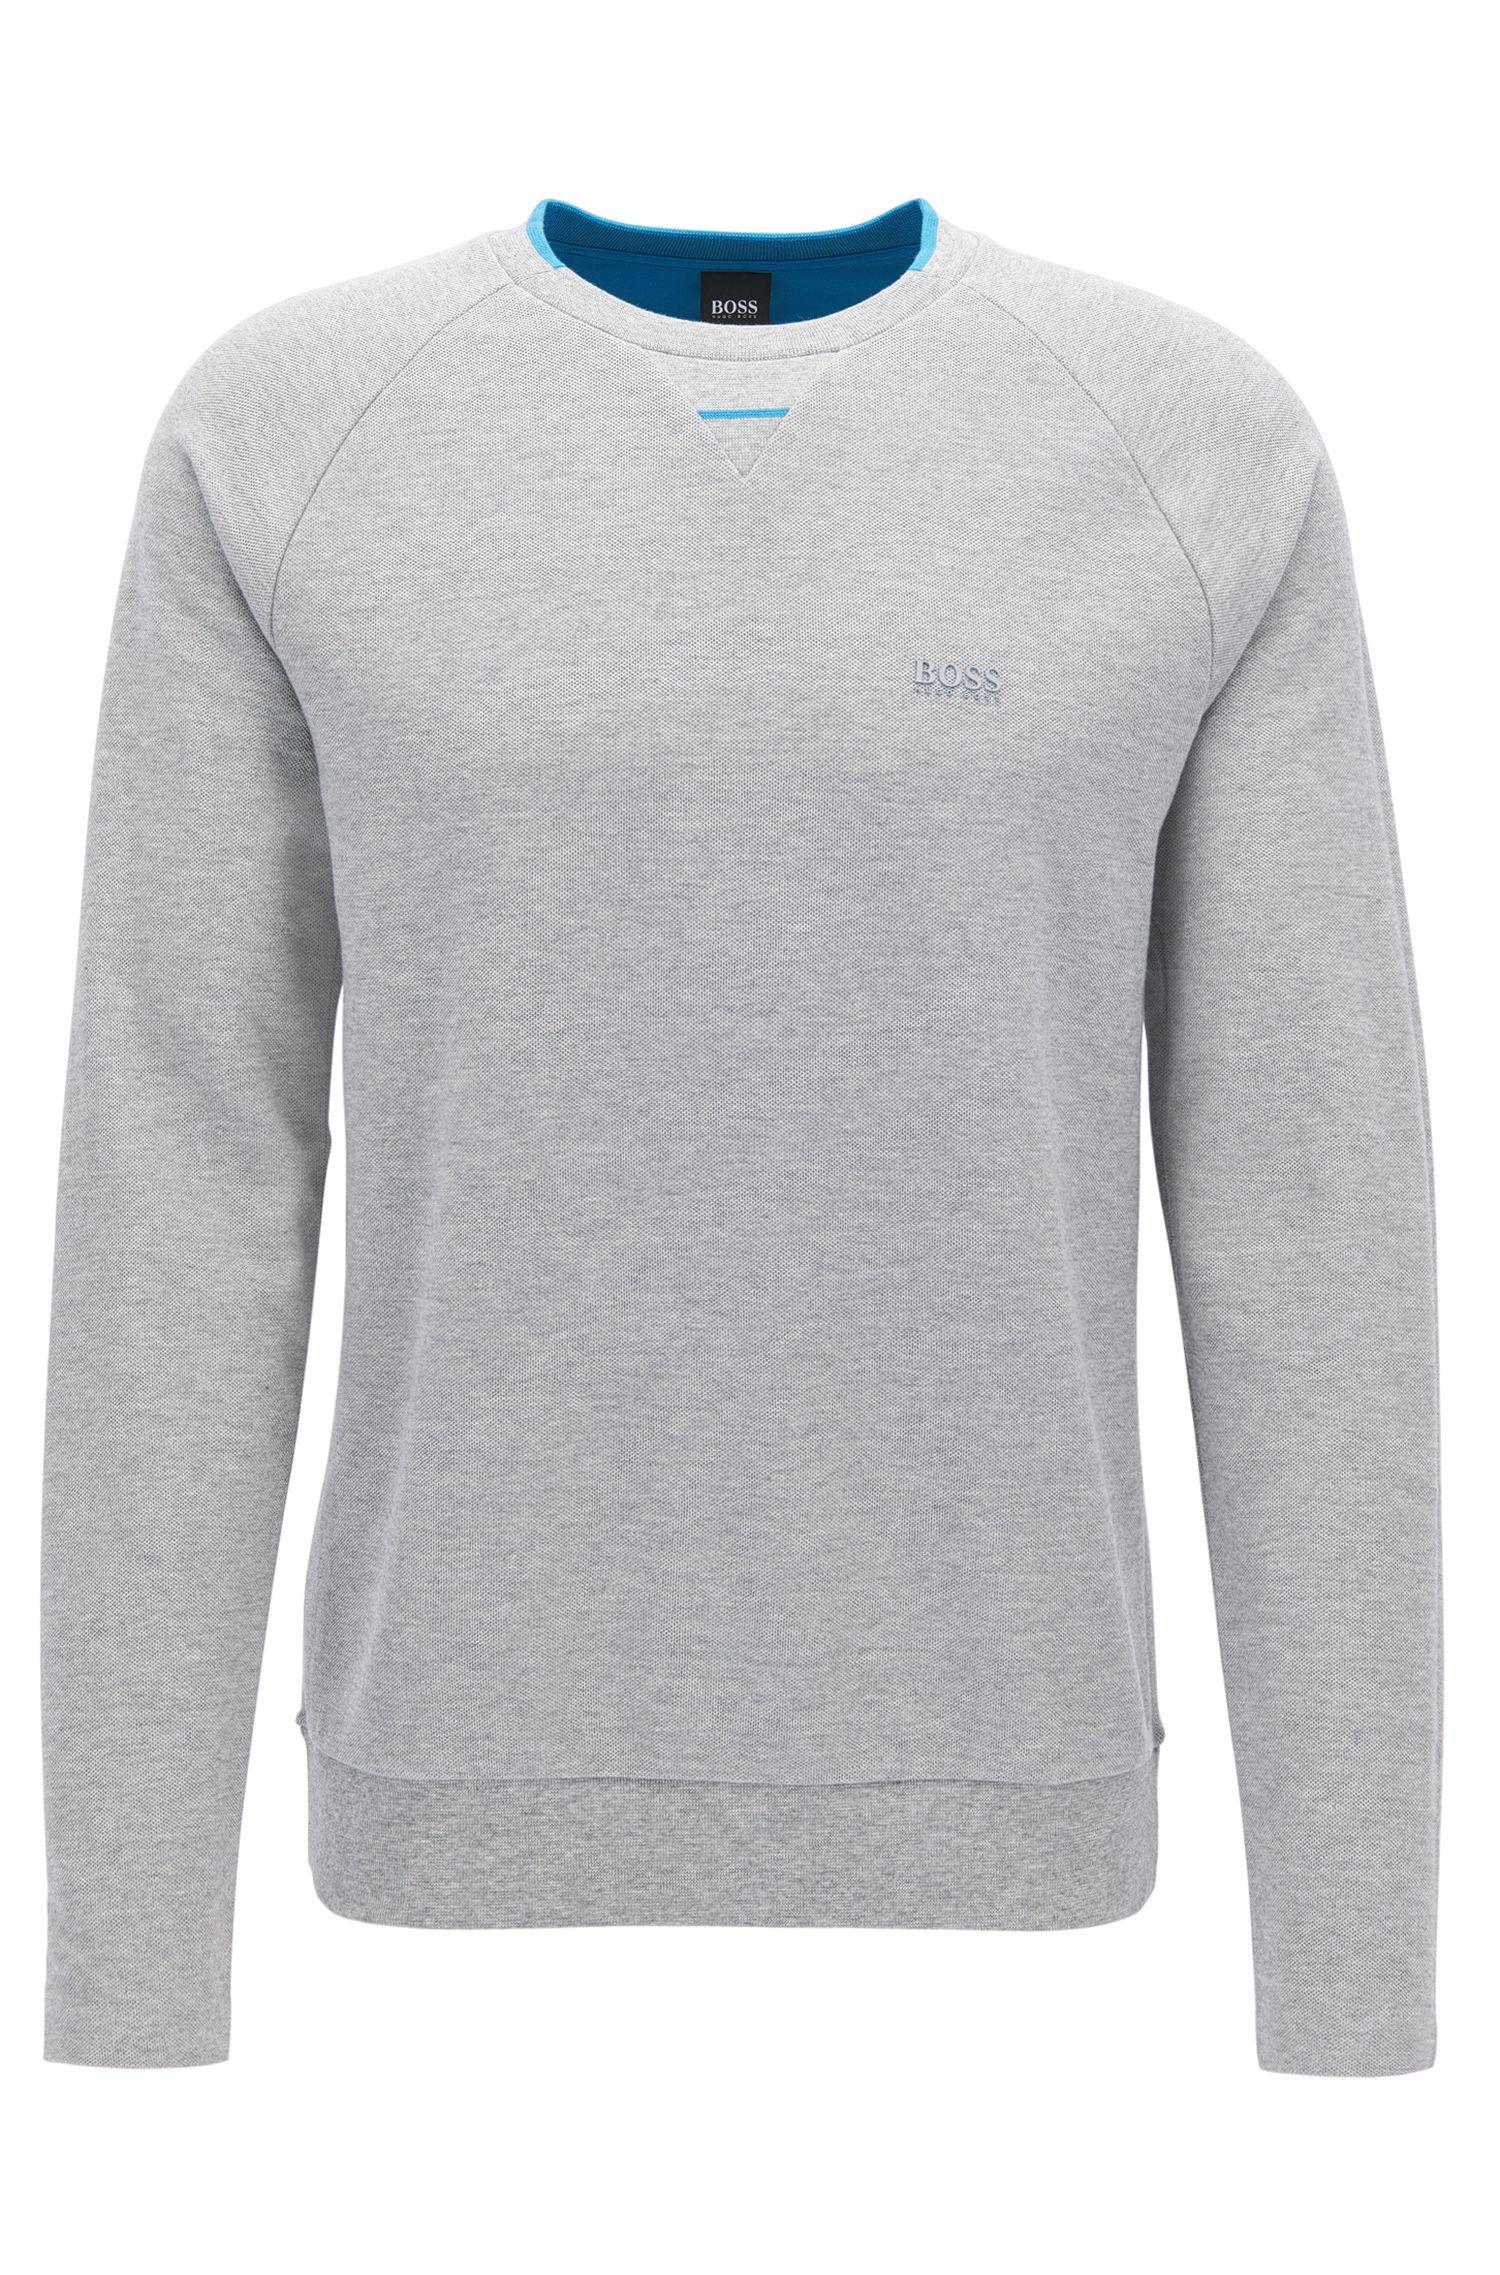 Sweatshirt aus Baumwoll-Piqué ohne Seitennähten